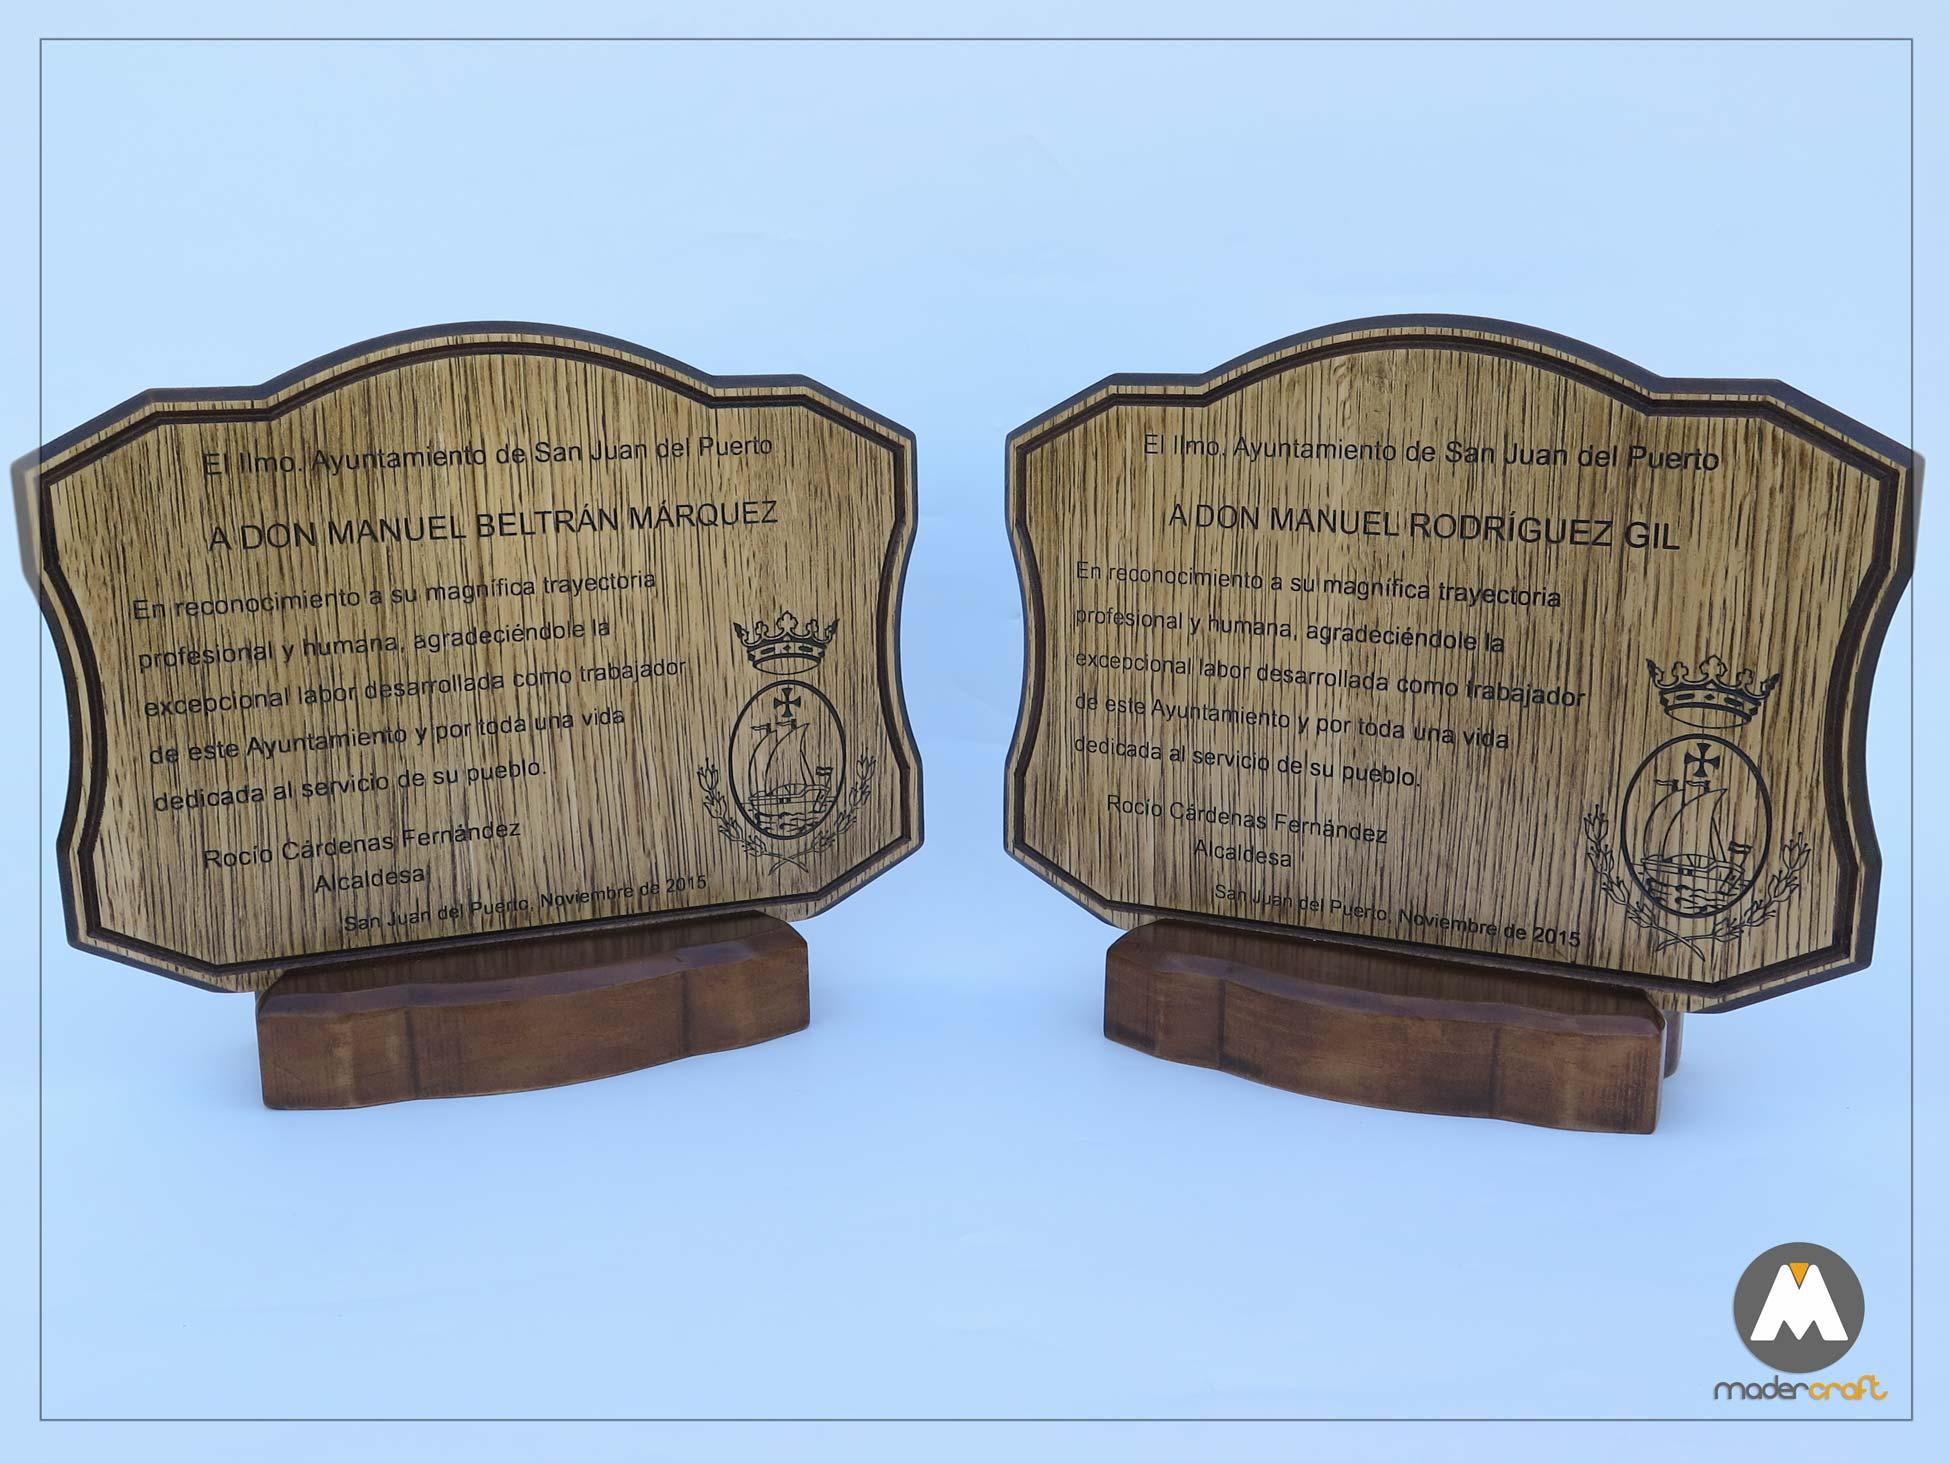 Placa Madera Agradecimiento Ayuntamiento San Juan del Puerto, madera de DM rechapada en roble, base de pino, pie de trofeo. tallada